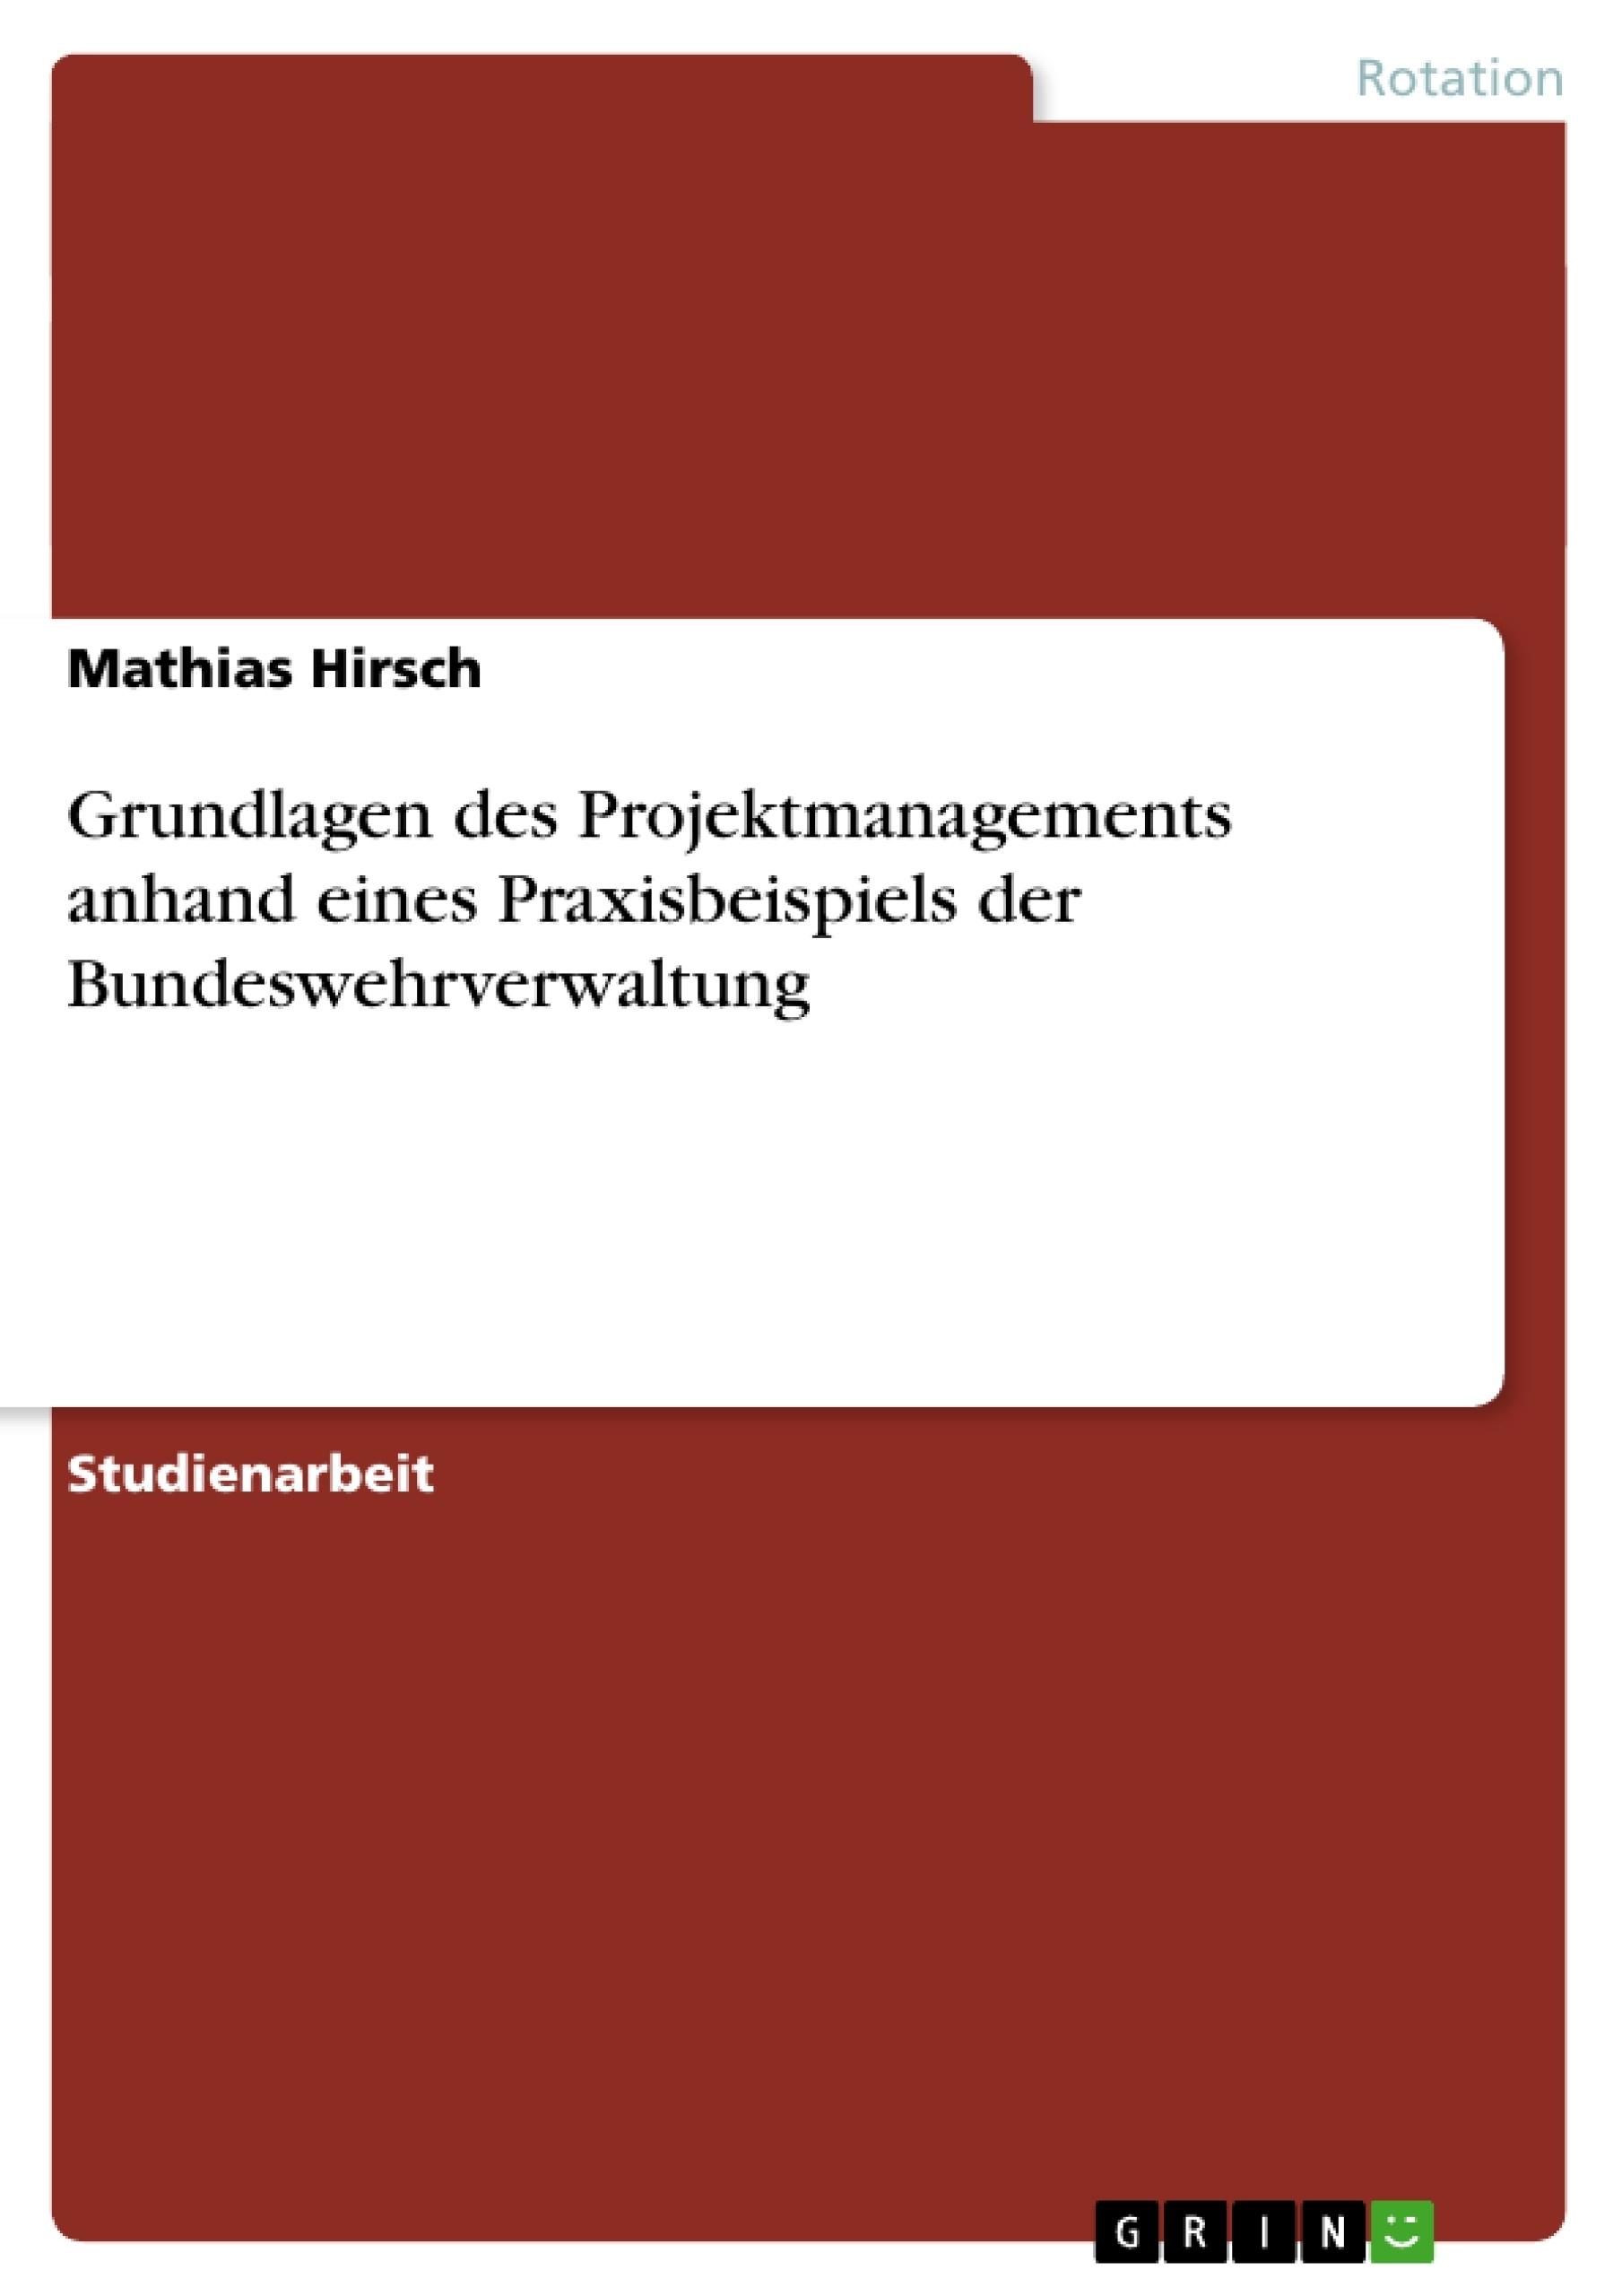 Titel: Grundlagen des Projektmanagements anhand eines Praxisbeispiels der Bundeswehrverwaltung